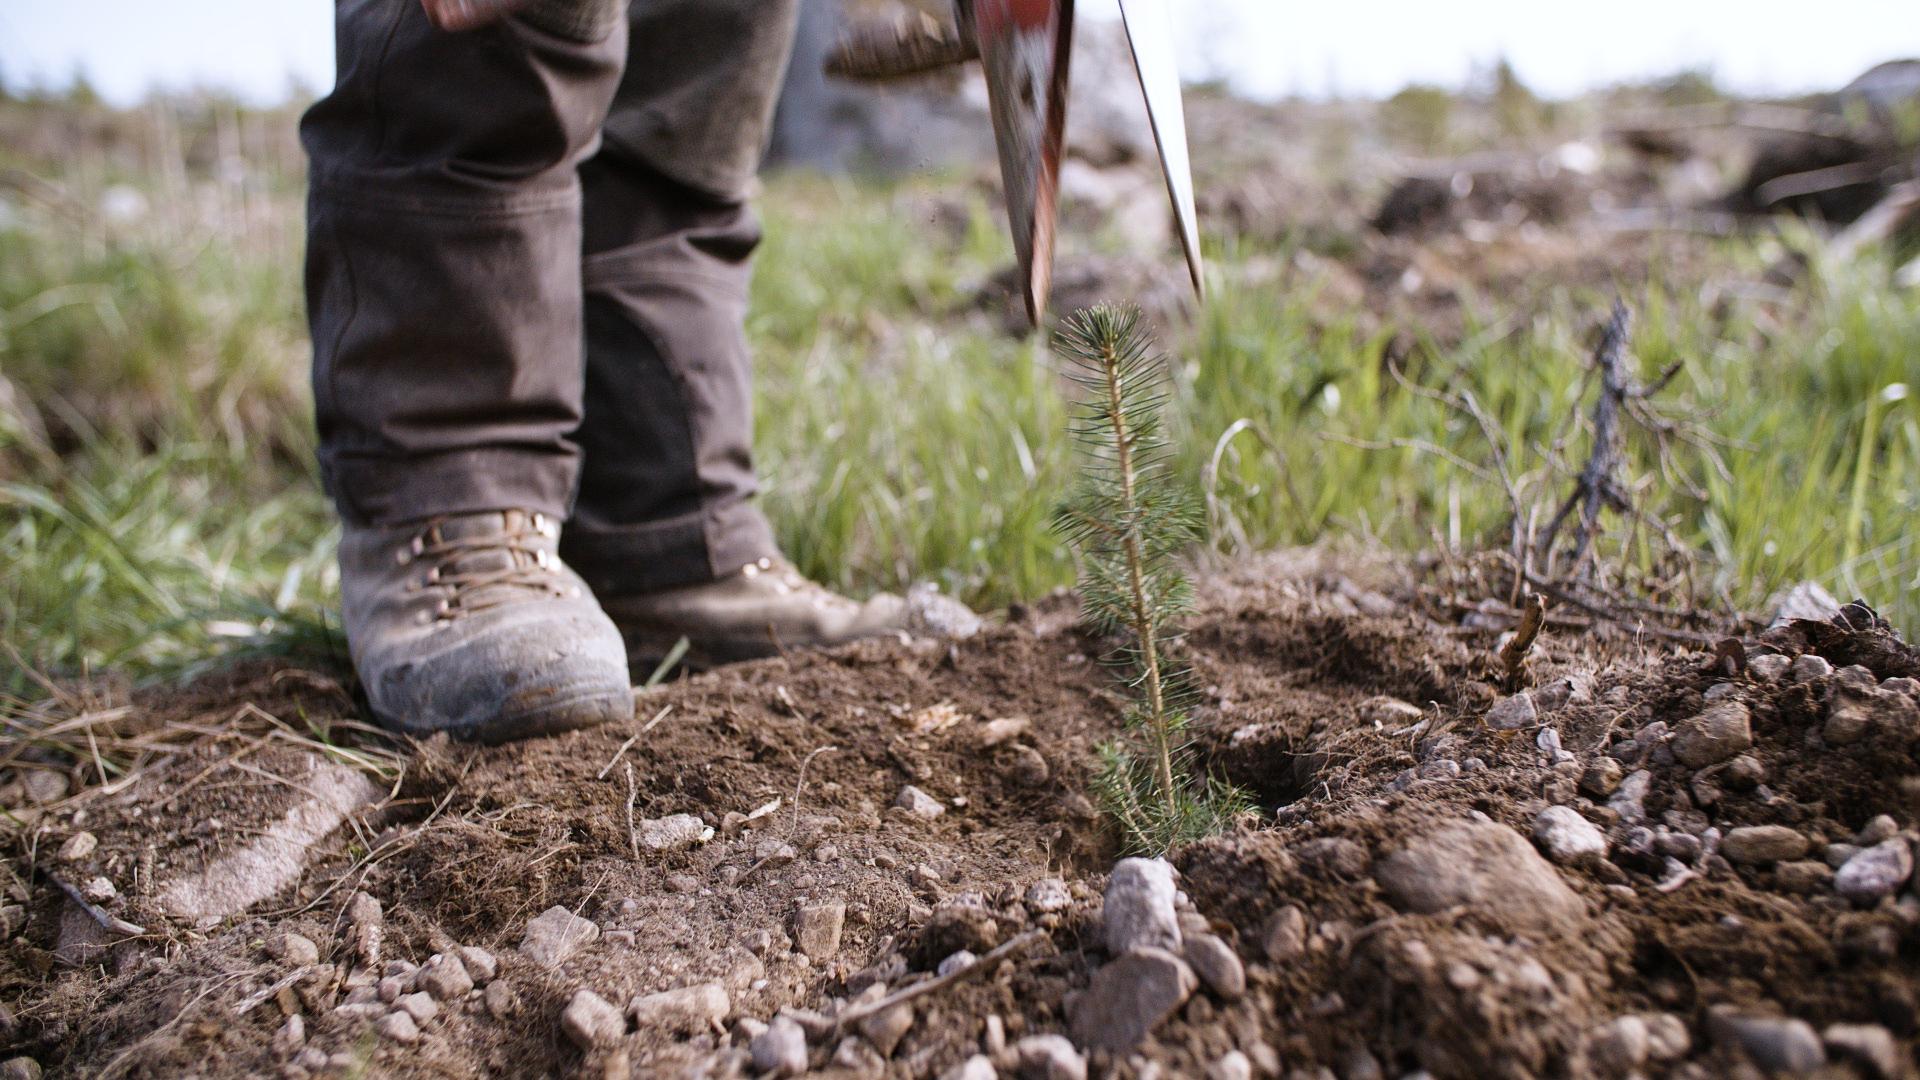 Hyvälaatuisilla taimilla ja siemenillä sekä ammattitaitoisten tekijöiden avulla varmistat hyvän alun uudelle metsällesi.